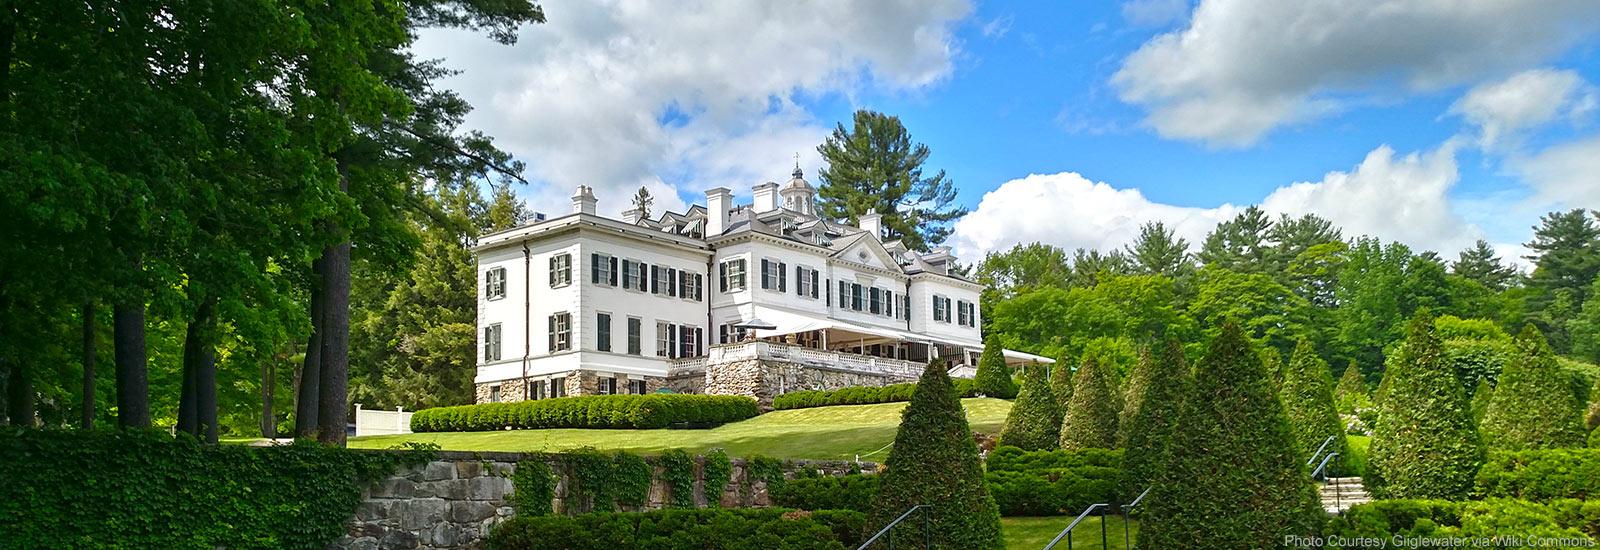 The Mount in Lenox Massachusetts